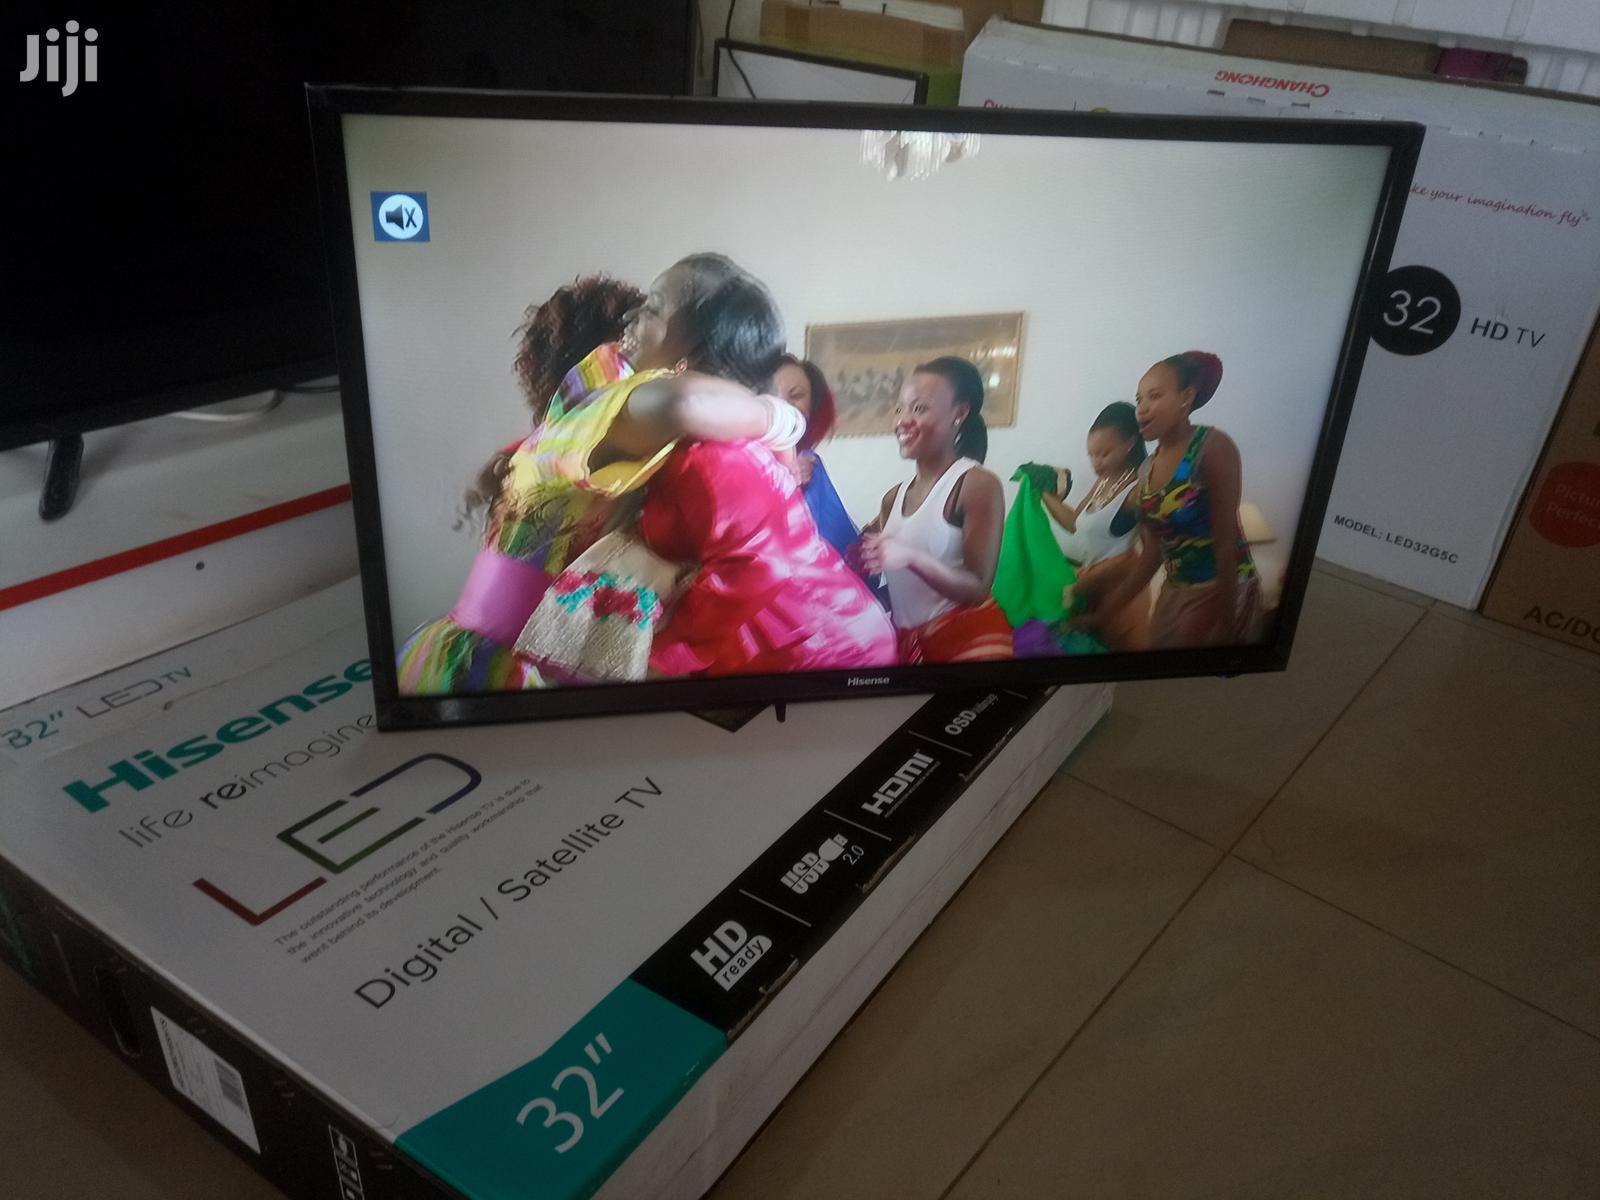 Hisense Digital Satellite TV 32 Inches